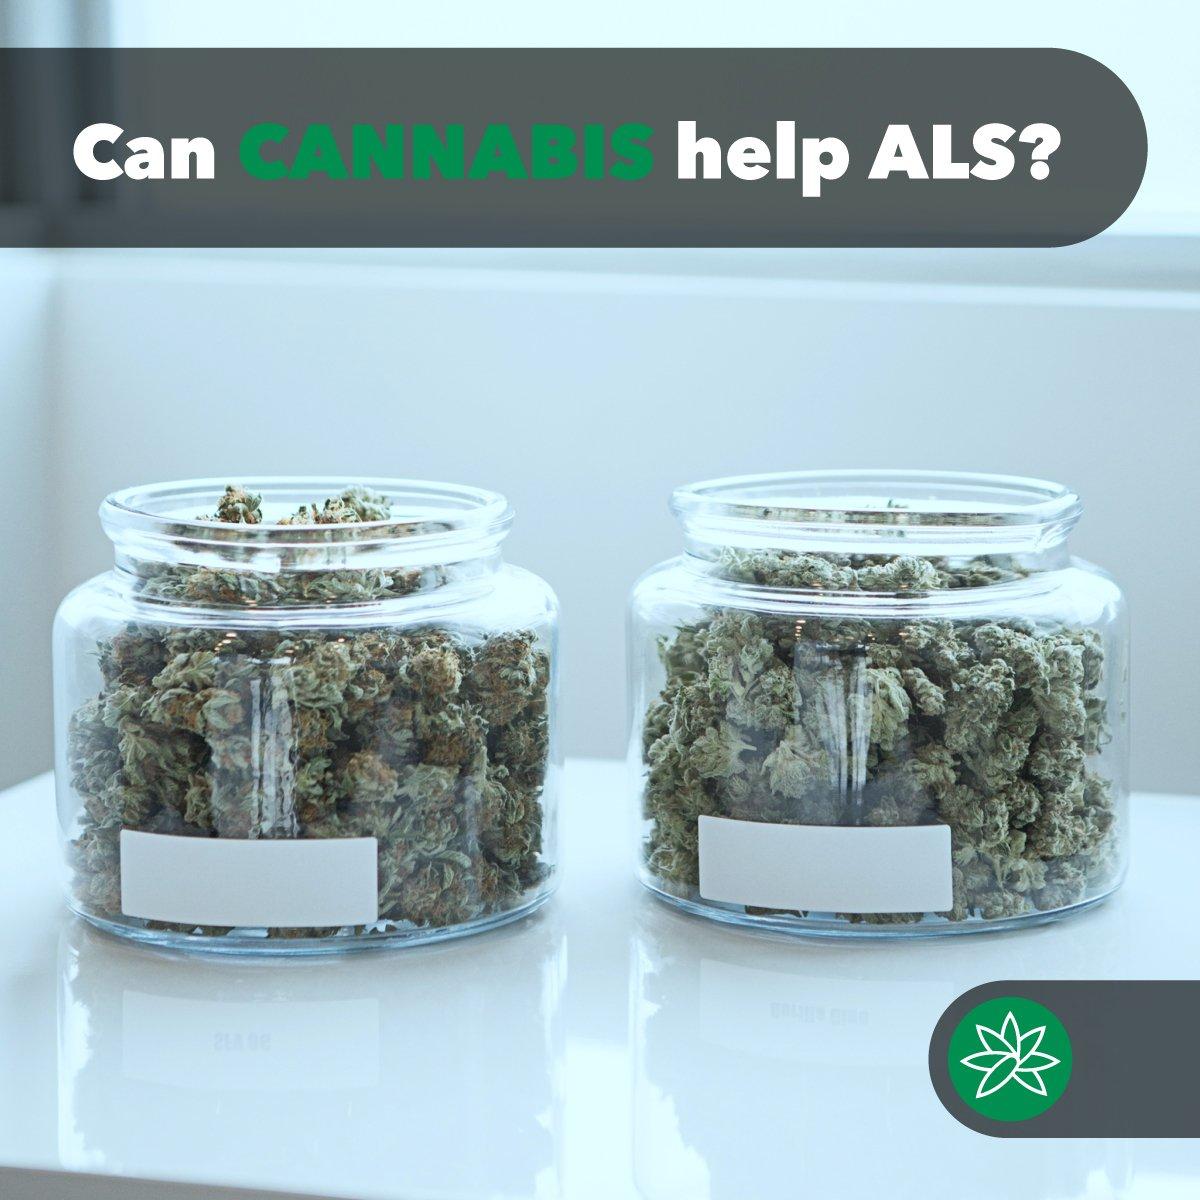 can cannabis help ALS?